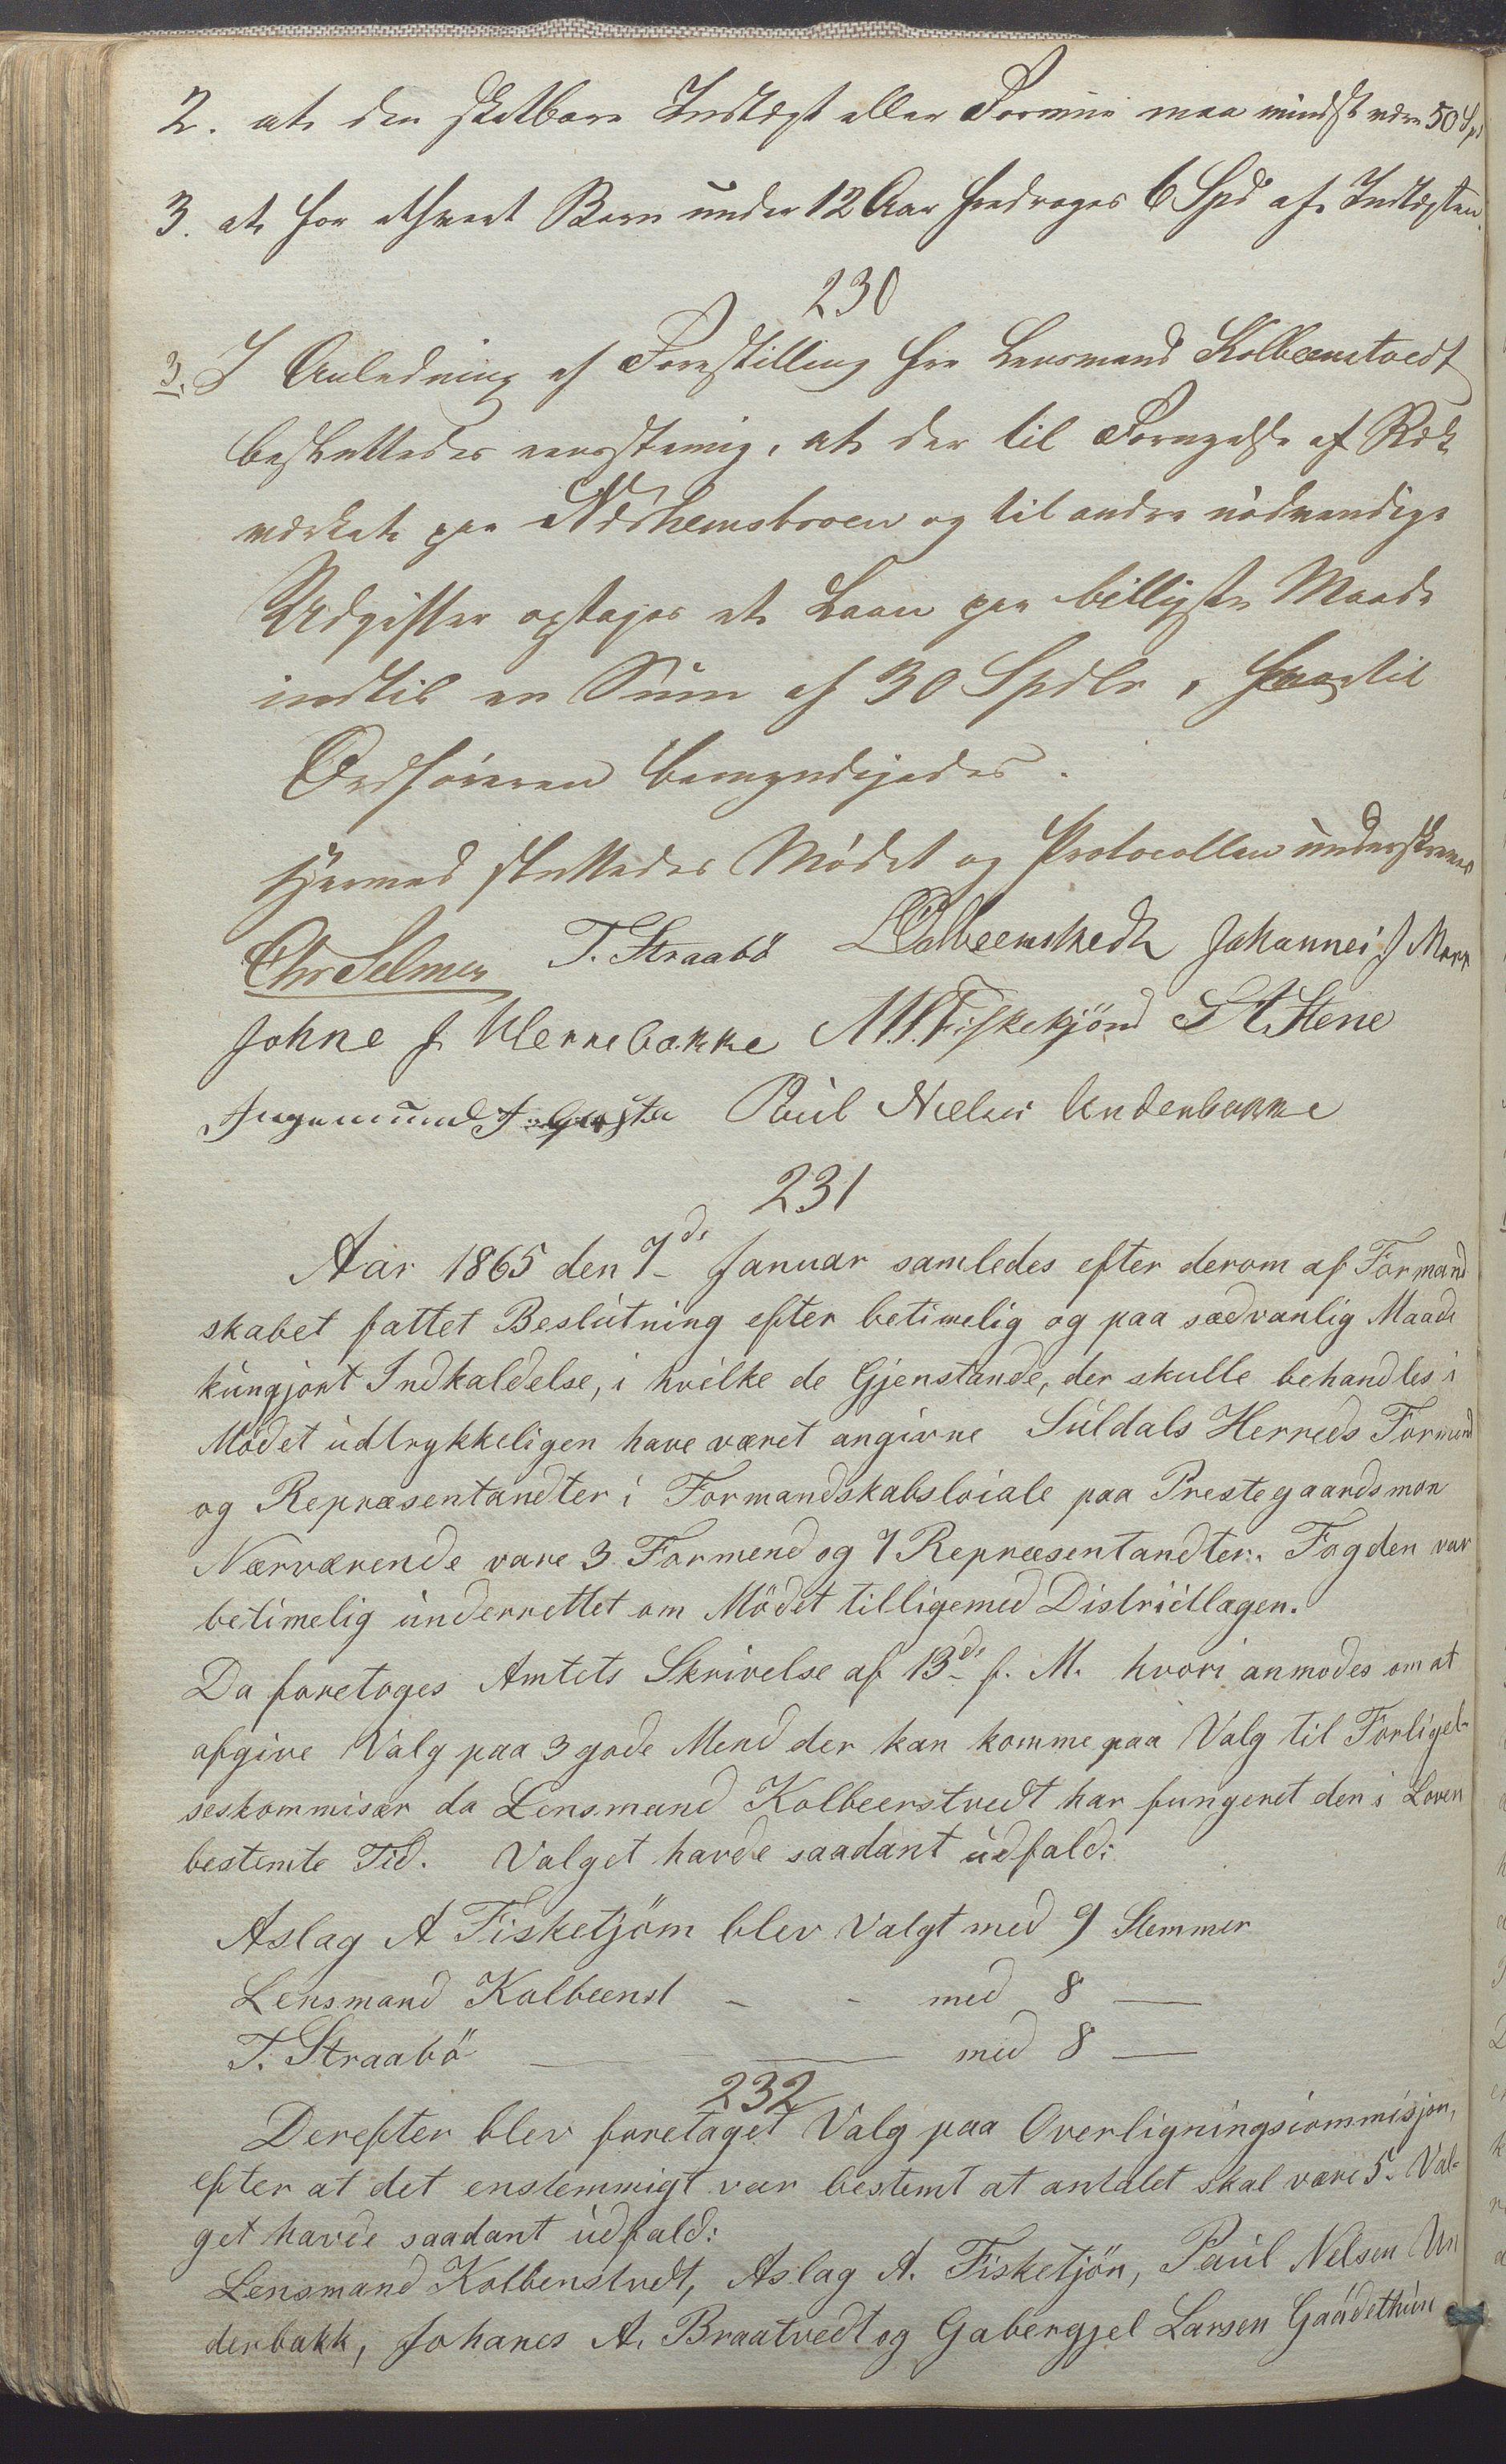 IKAR, Suldal kommune - Formannskapet/Rådmannen, A/Aa/L0001: Møtebok, 1837-1876, s. 150b